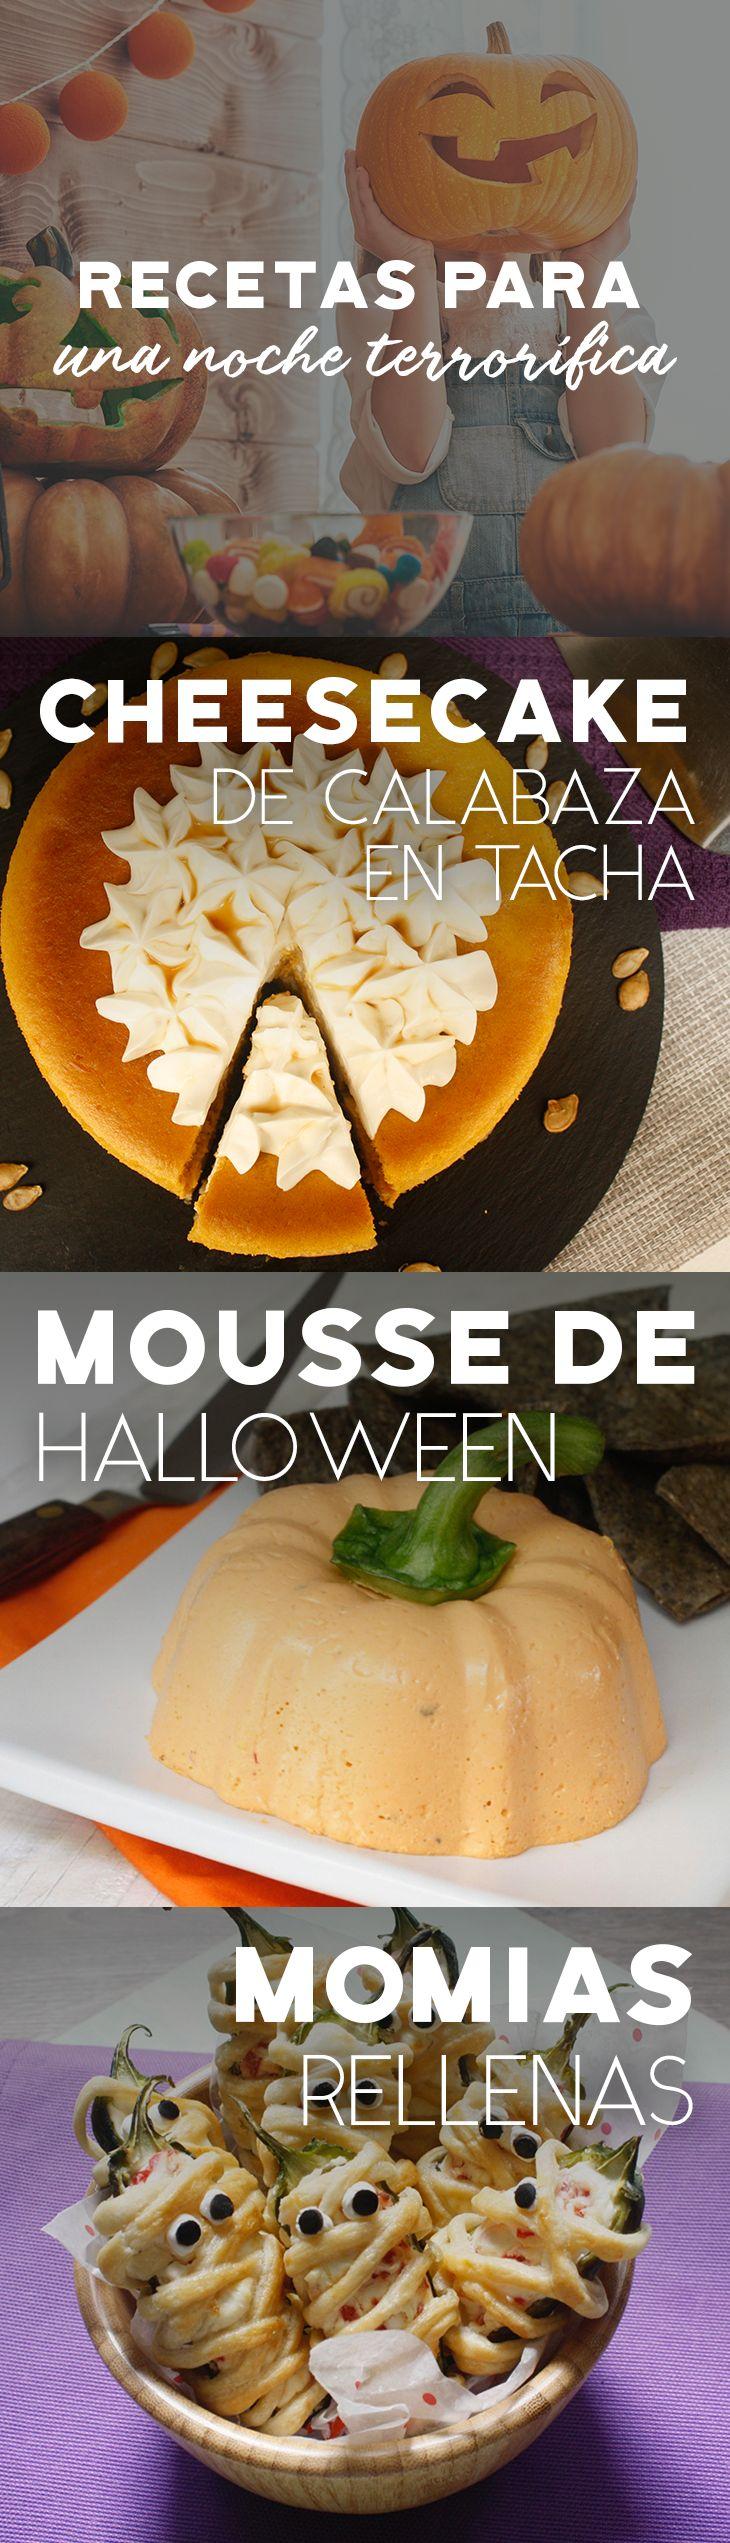 Pasa un Halloween espeluznante y delicioso con estas divertidas recetas.   #recetas #receta #quesophiladelphia #philadelphia #crema #quesocrema #queso #comida #cocinar #cocinamexicana #recetasfáciles #Halloween #calabaza #DíaDeMuertos #Nochedebrujas #recetasHalloween #terror #RecetasFáciles #recetascalabaza #momias #mousse #tradiciones